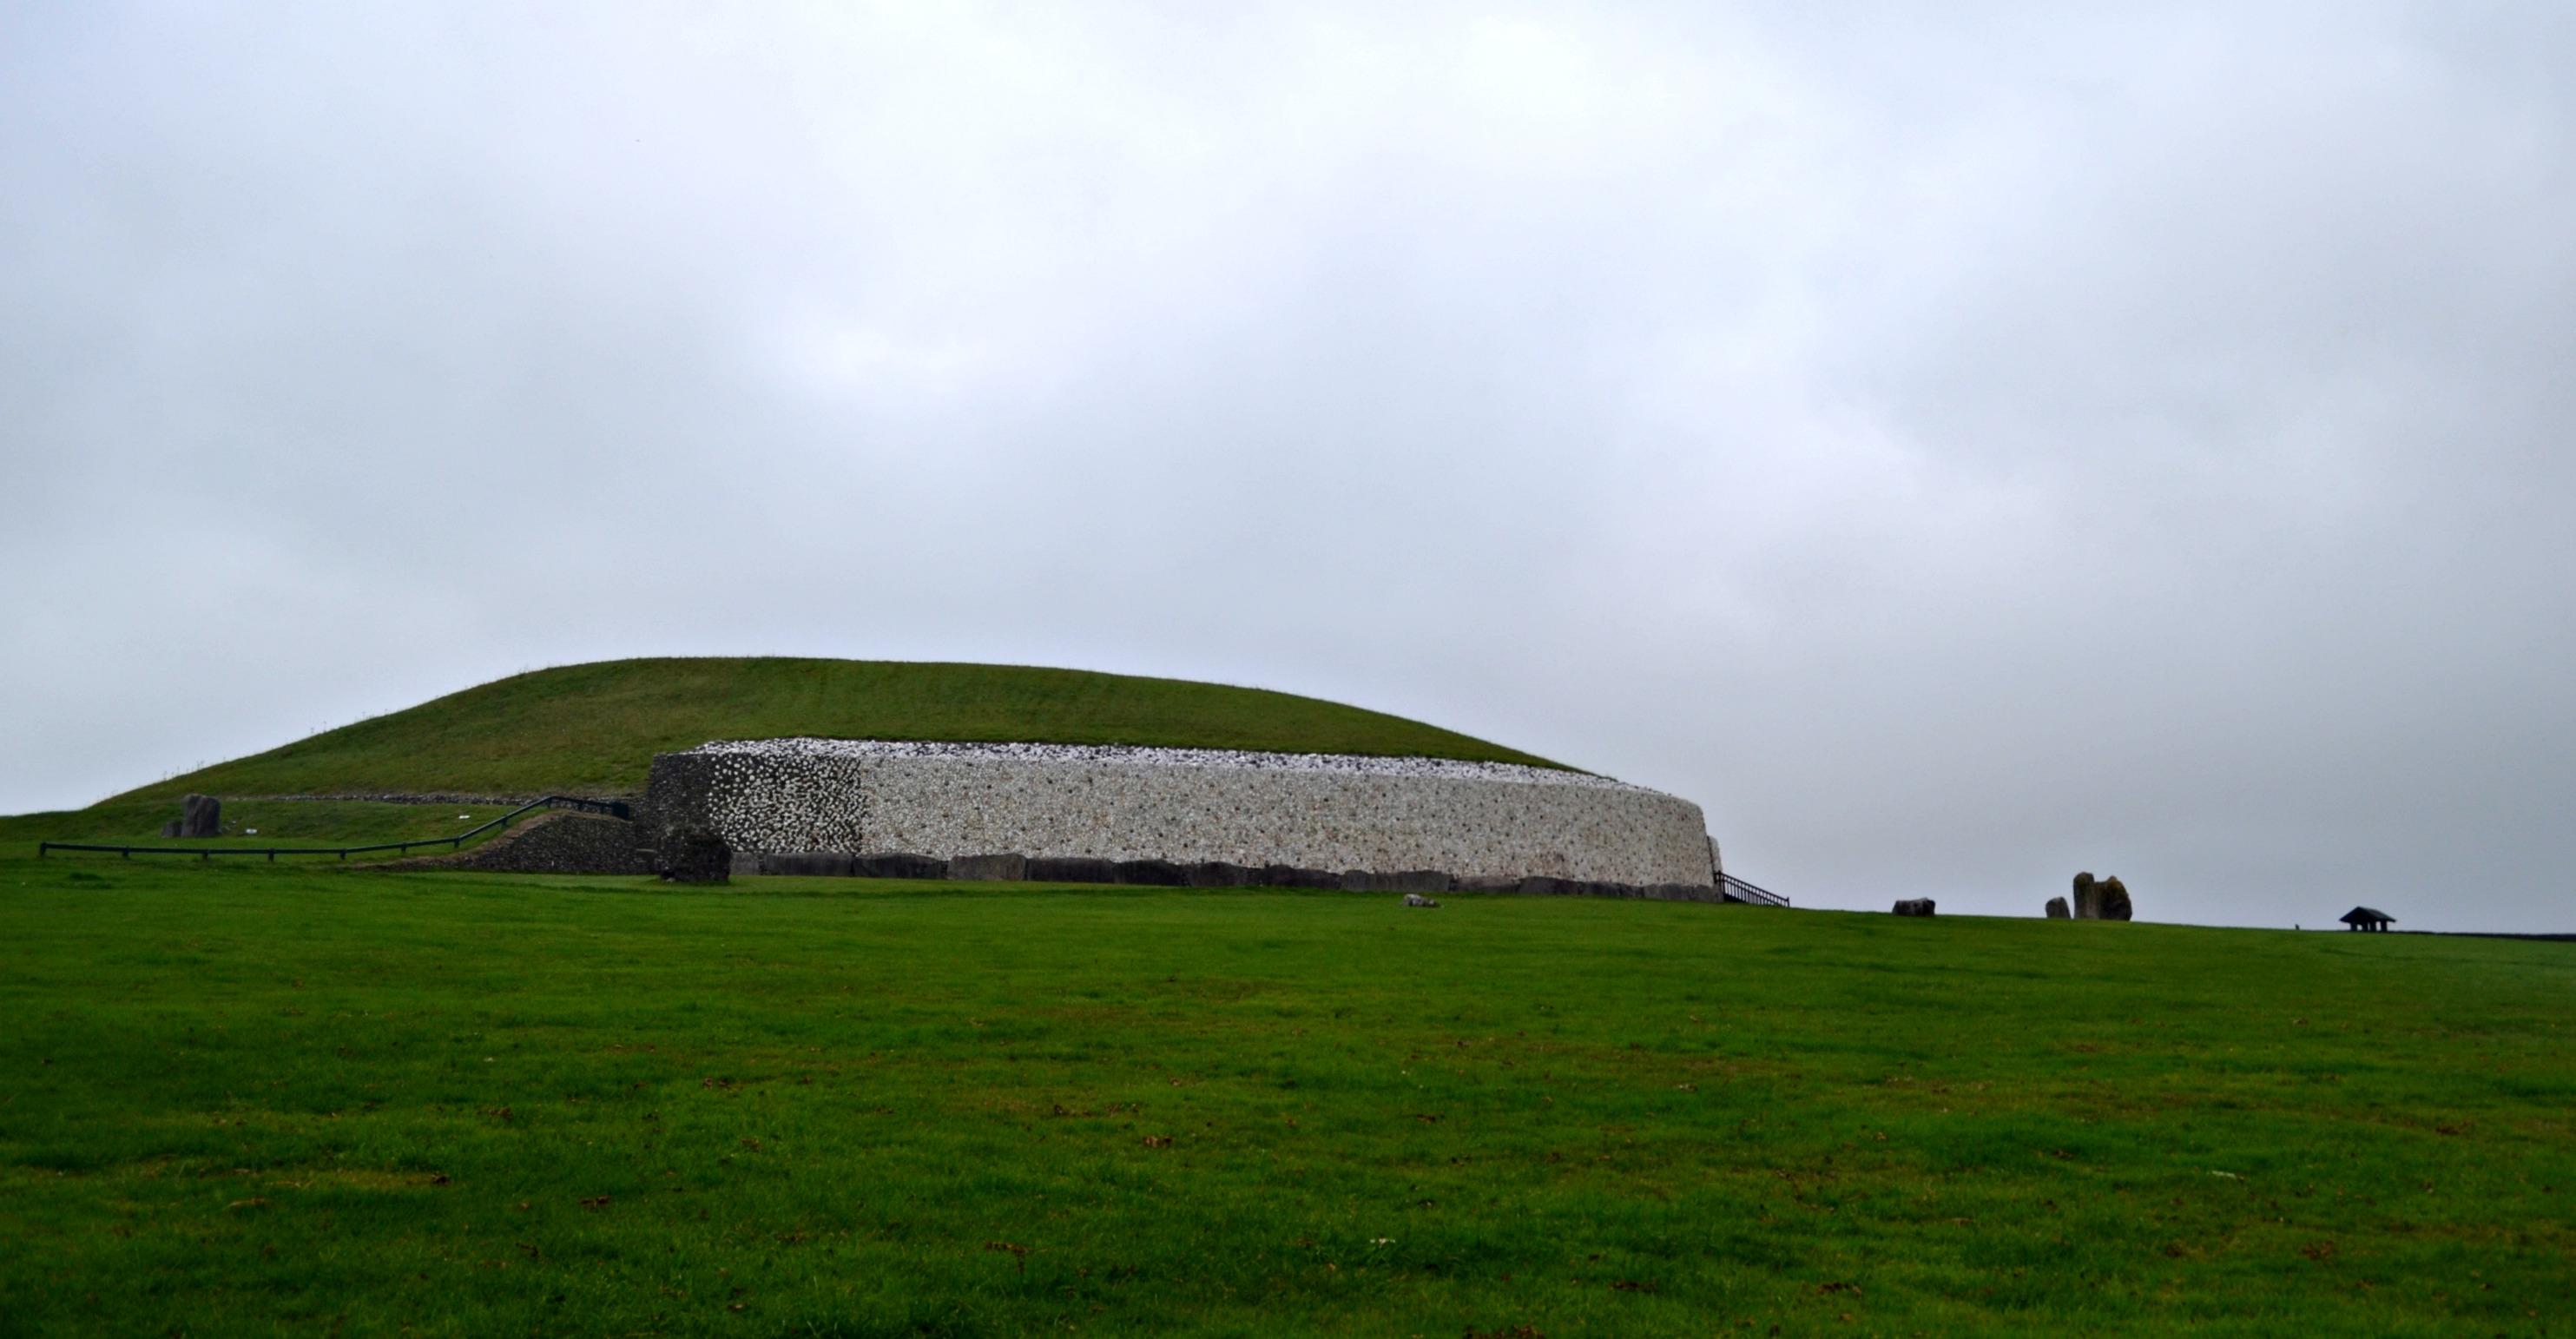 Newgrange (Brú na Bóinne), Ireland